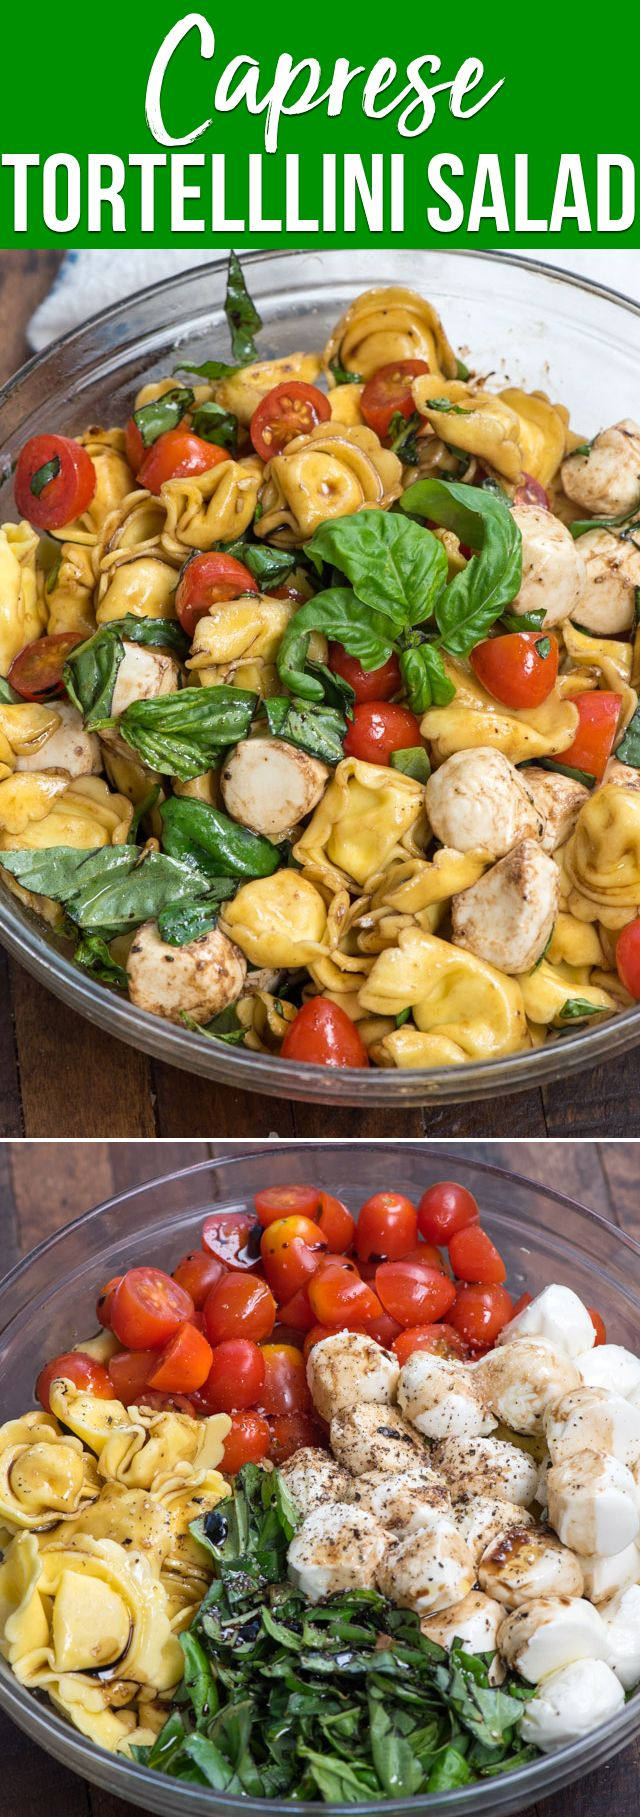 Tortellini Caprese Pasta Salad Crazy For Crust Recipe Caprese Pasta Salad Tortellini Recipes Easy Pasta Salad Recipe